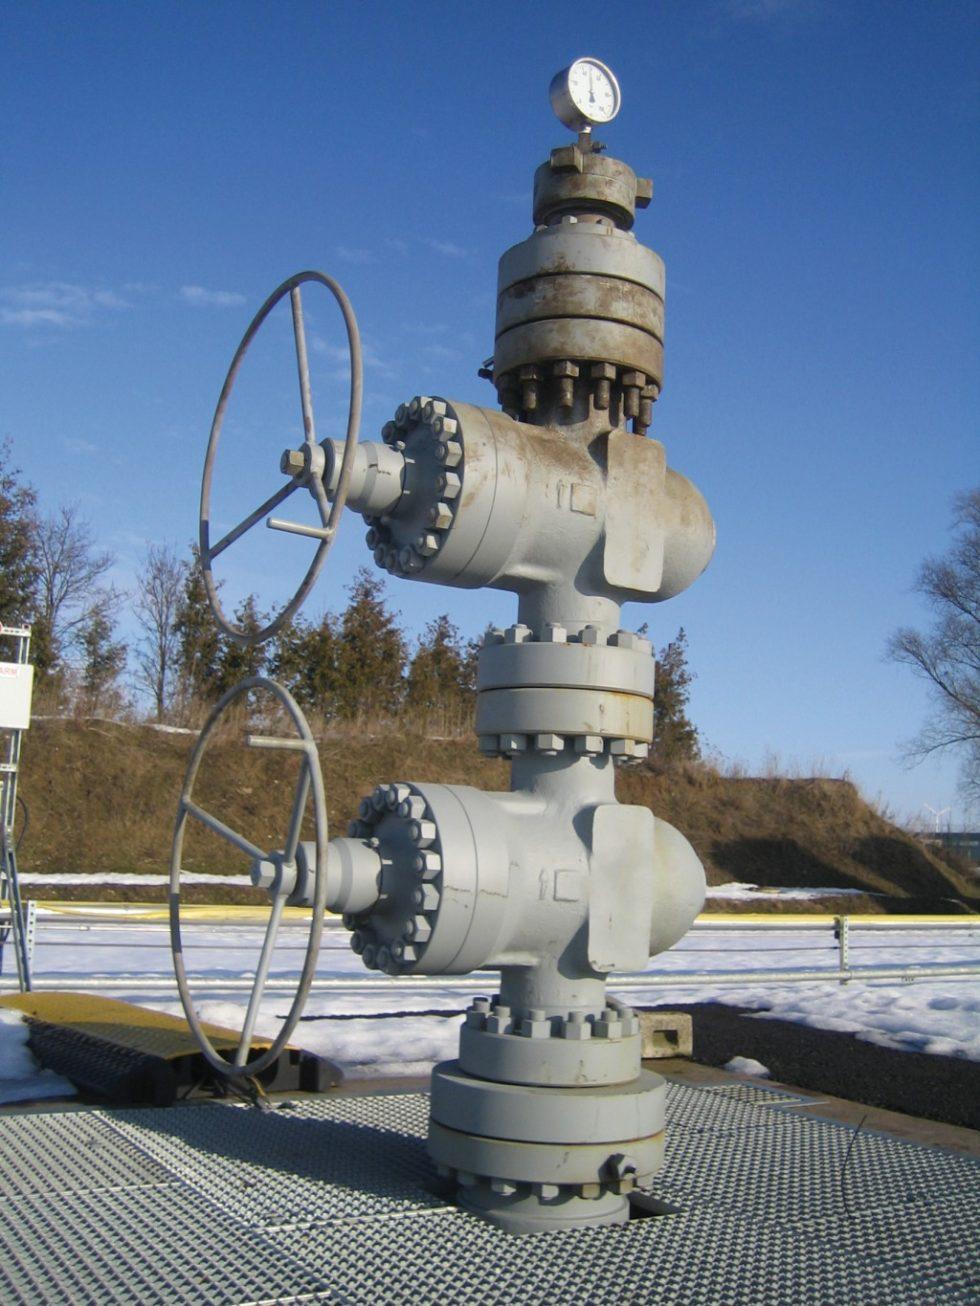 Der Kopf einer Probebohrung zur CO2-Injektion am Pilotstandort in Ketzin, Brandenburg, 40 km westlich von Berlin. Dies Pilotprojekt haben Mitarbeiter des GeoForschungsZentrums in Potsdam durchgeführt. Bild: BGR